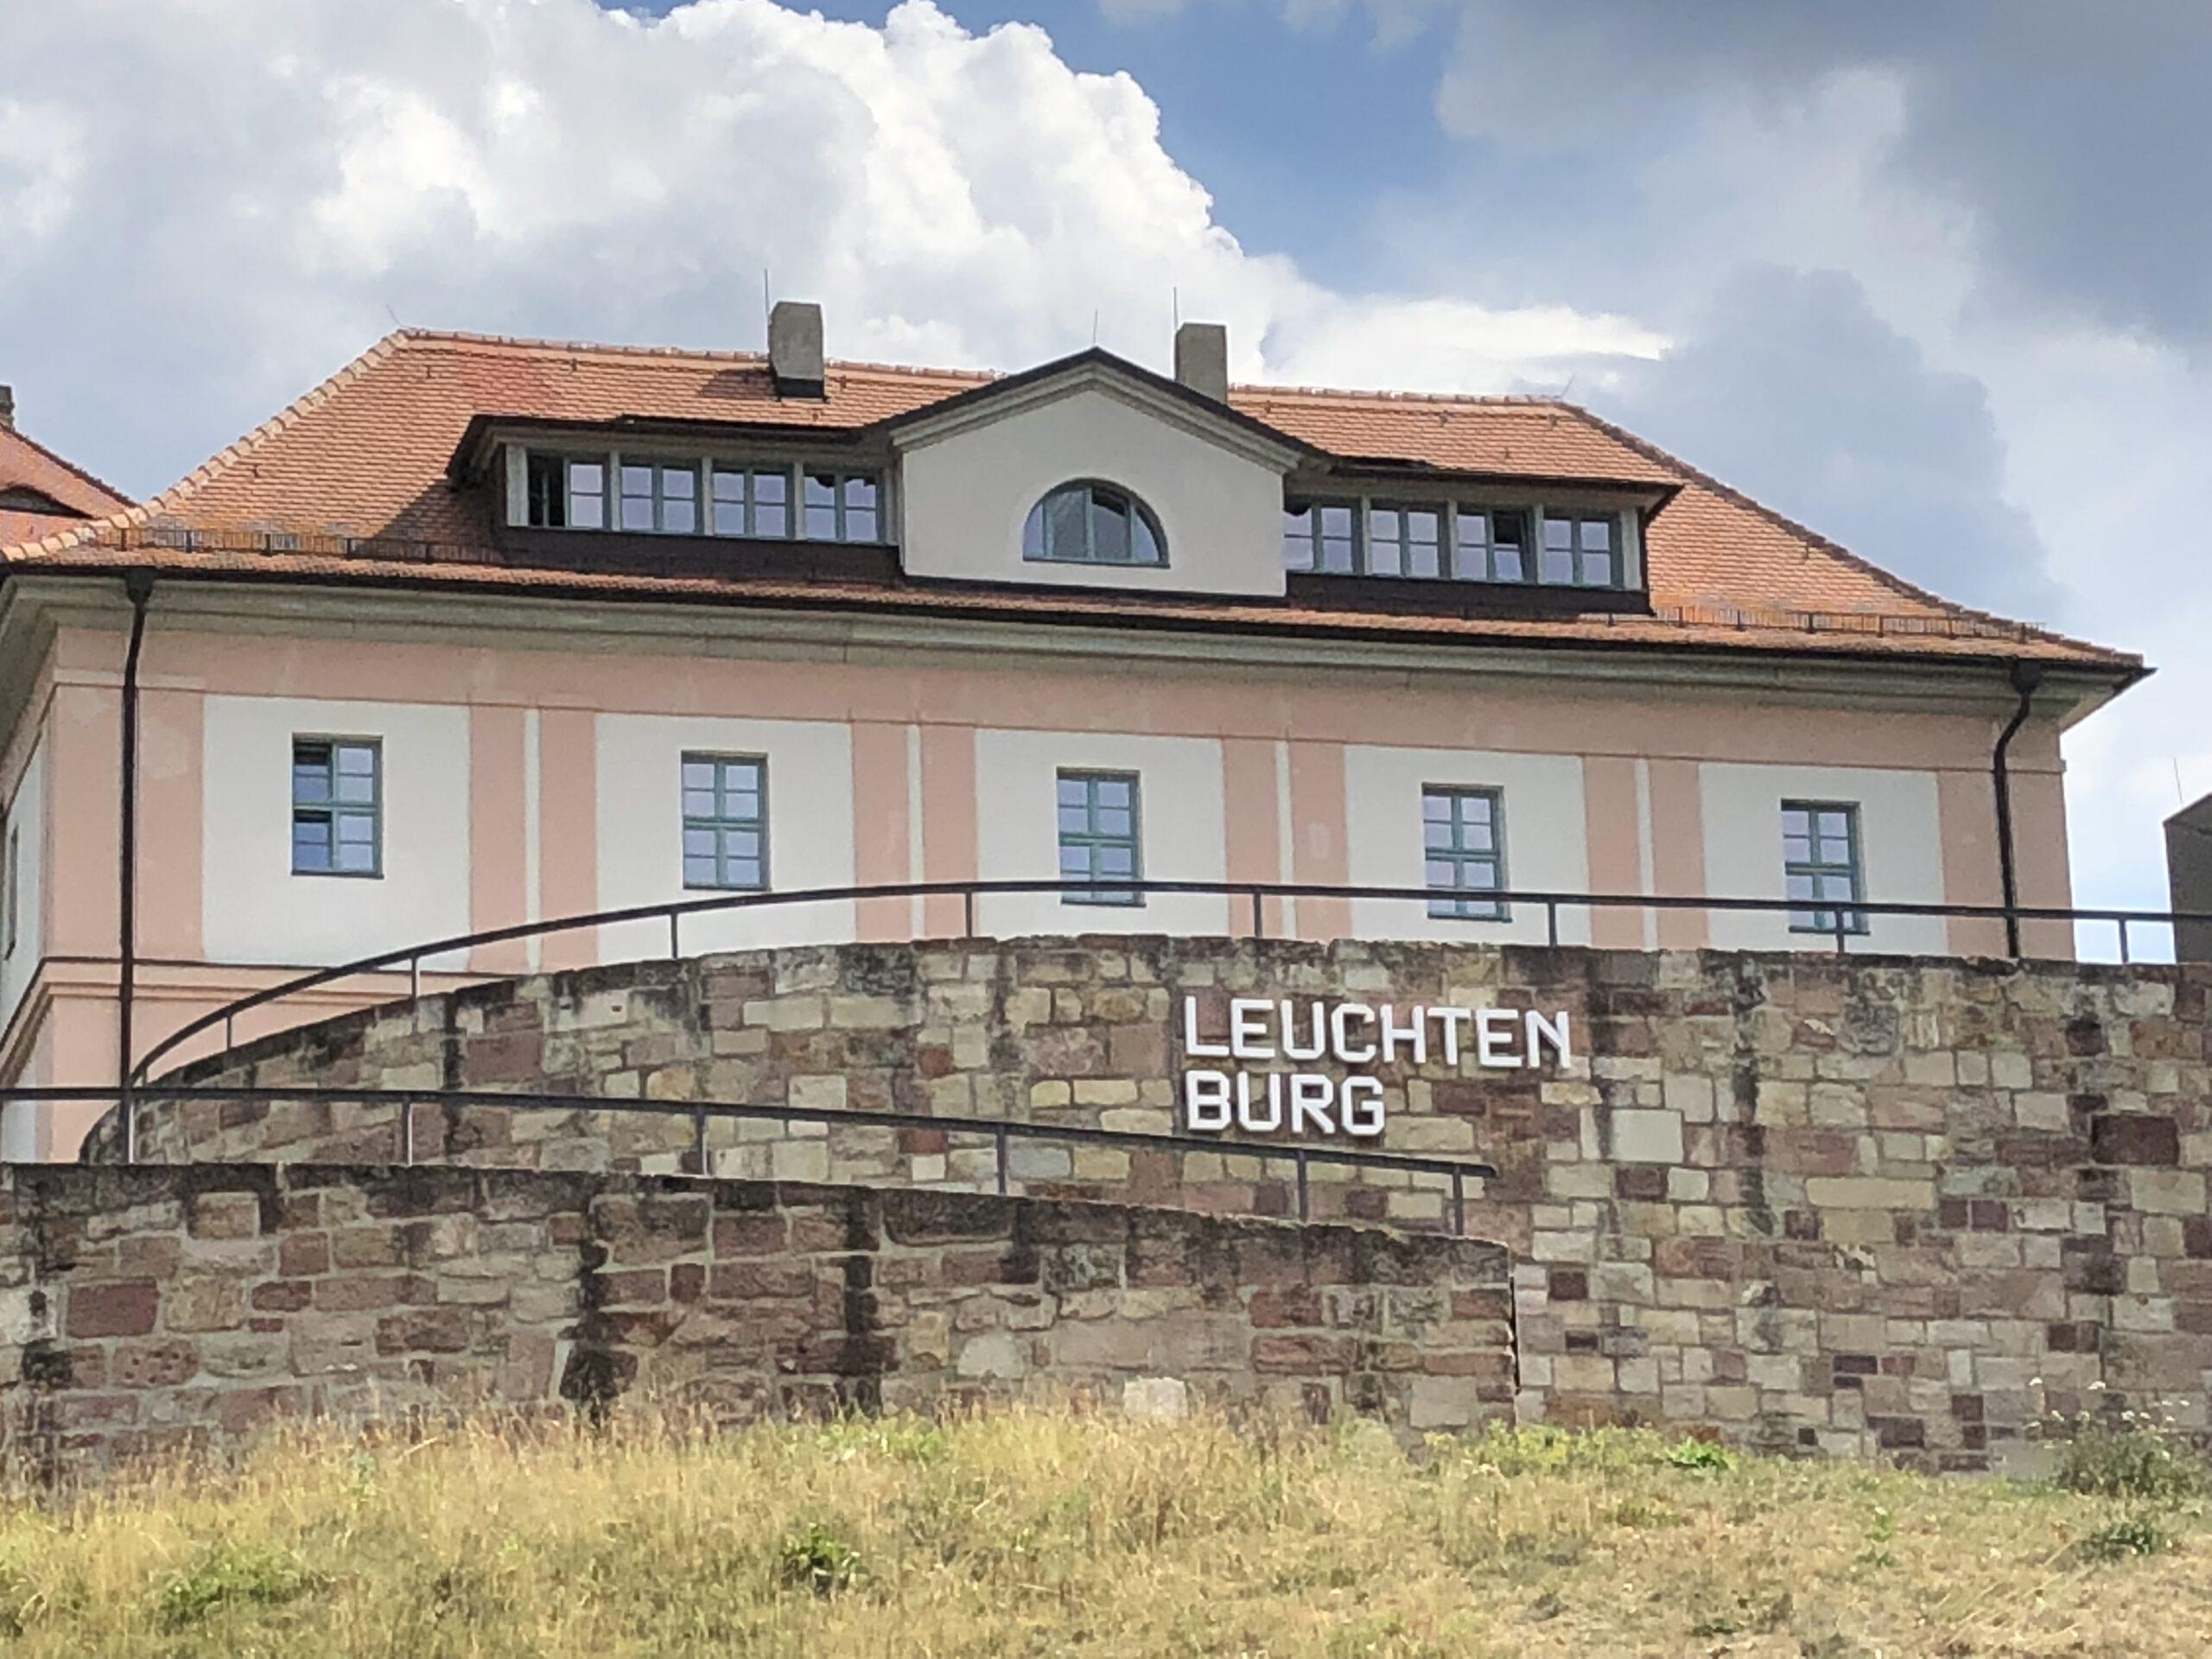 Leuchtenburg 02